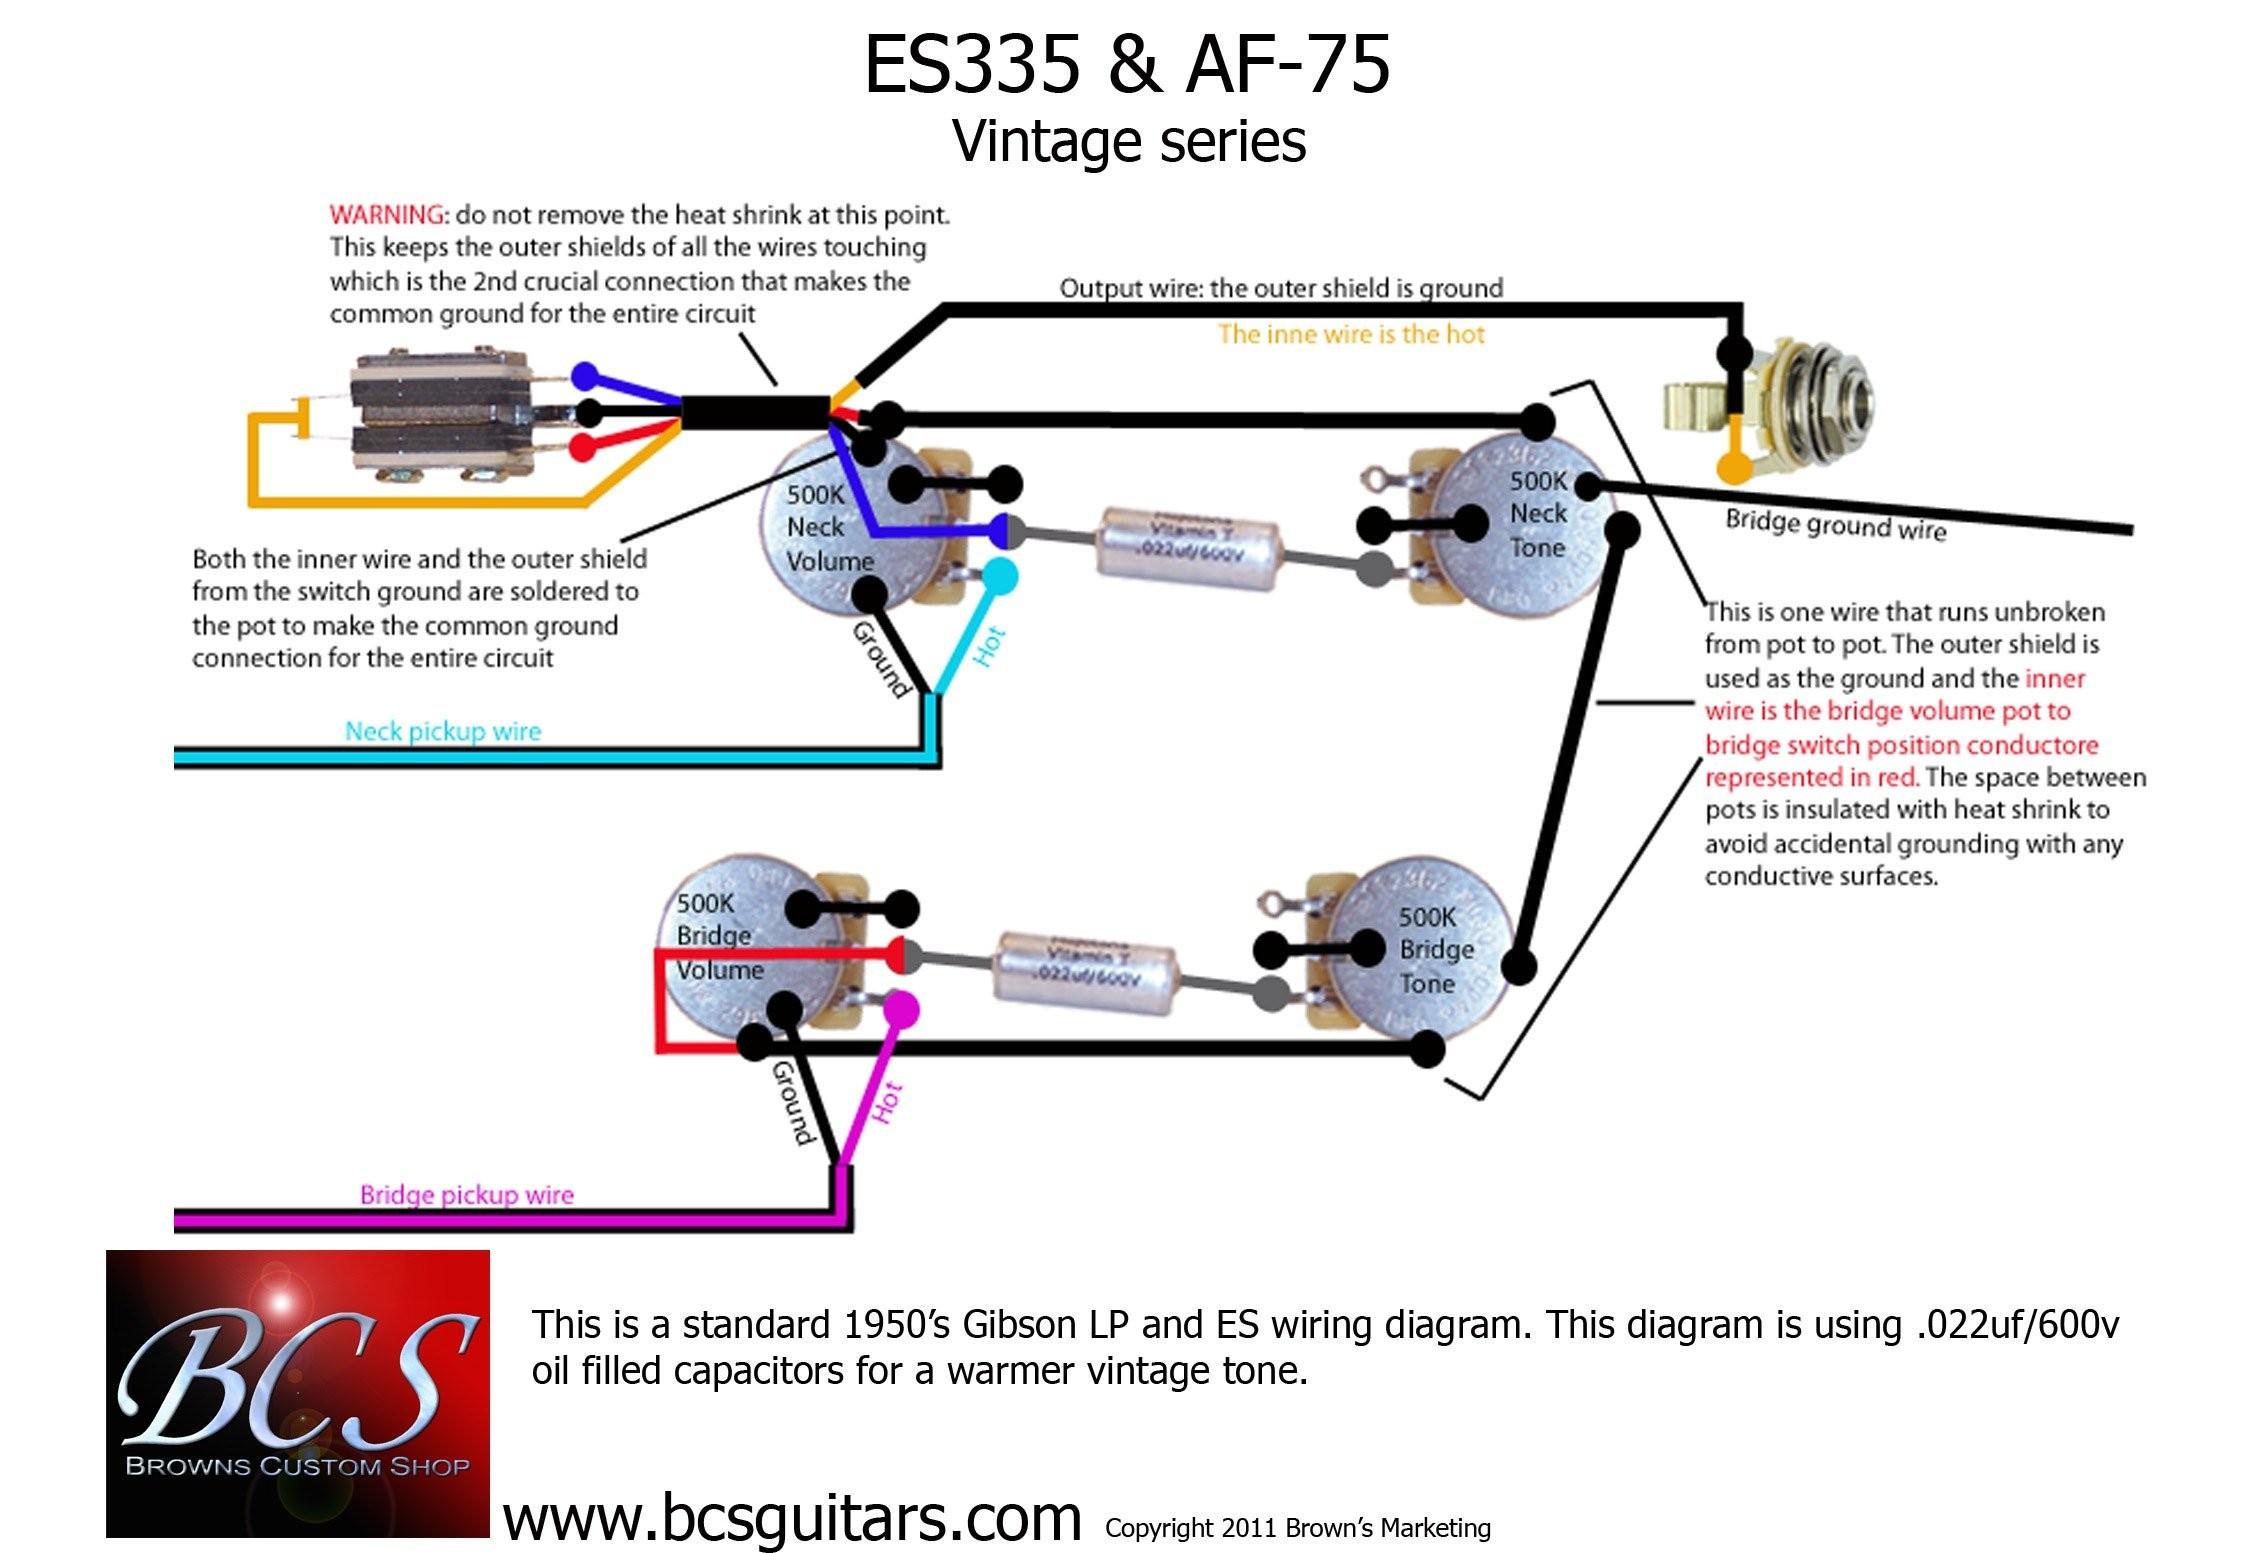 Emg Hz Wiring Diagram Unique Humbucker Wiring Diagram 335 Wiring Diagrams Schematics Emg Hz Wiring